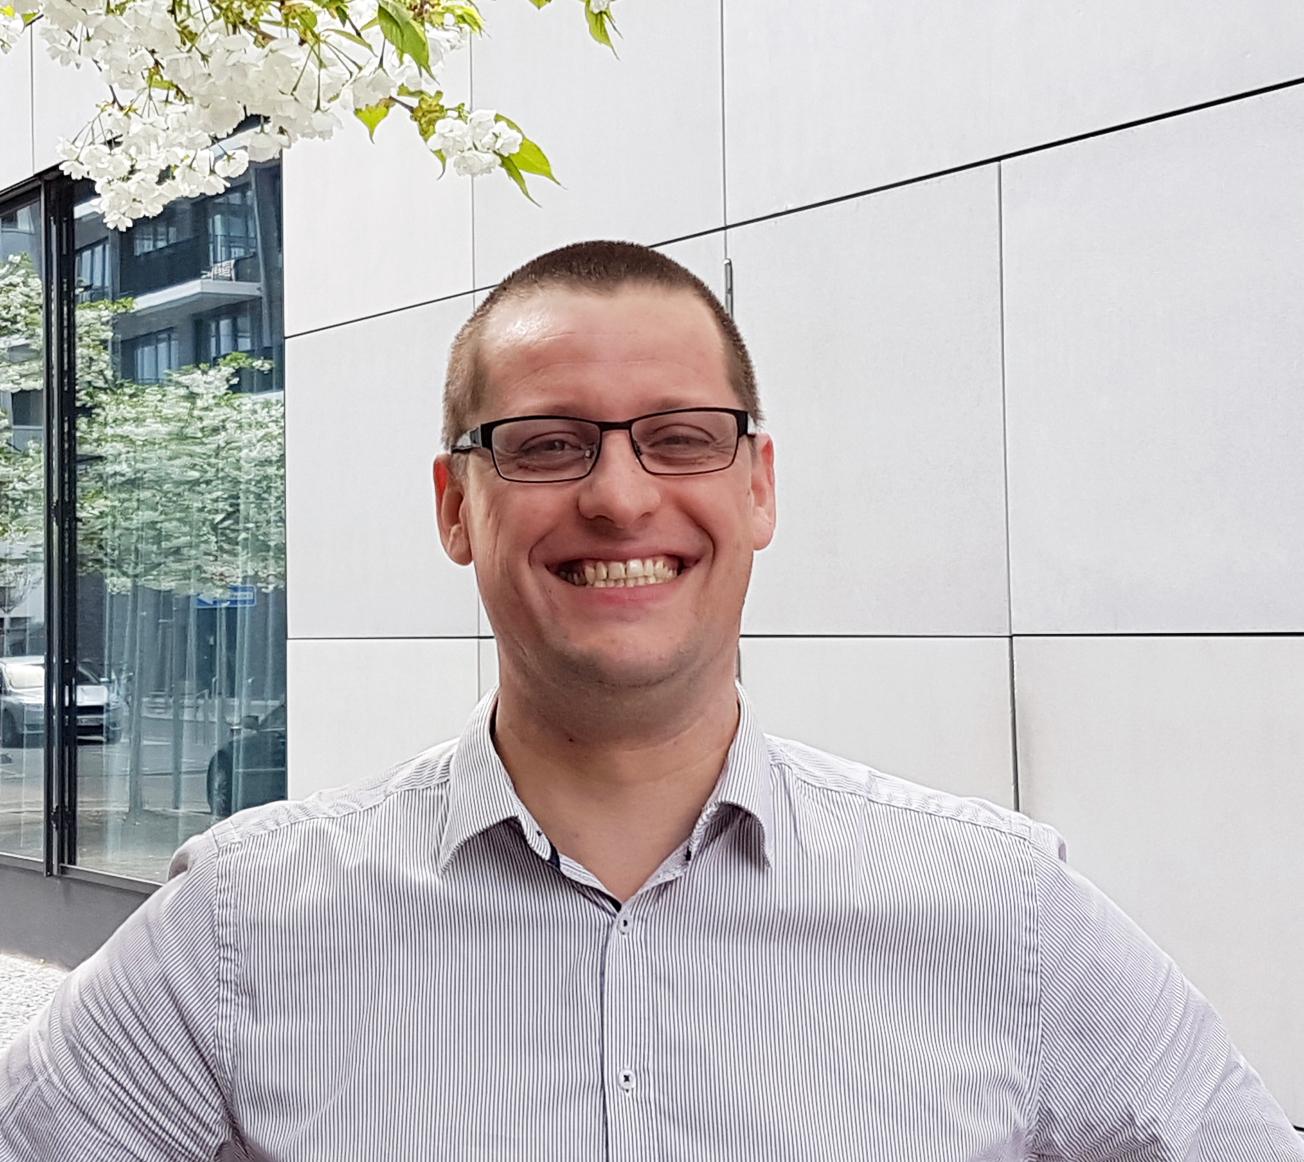 Revenue - Ralf H. | Revenue Manager